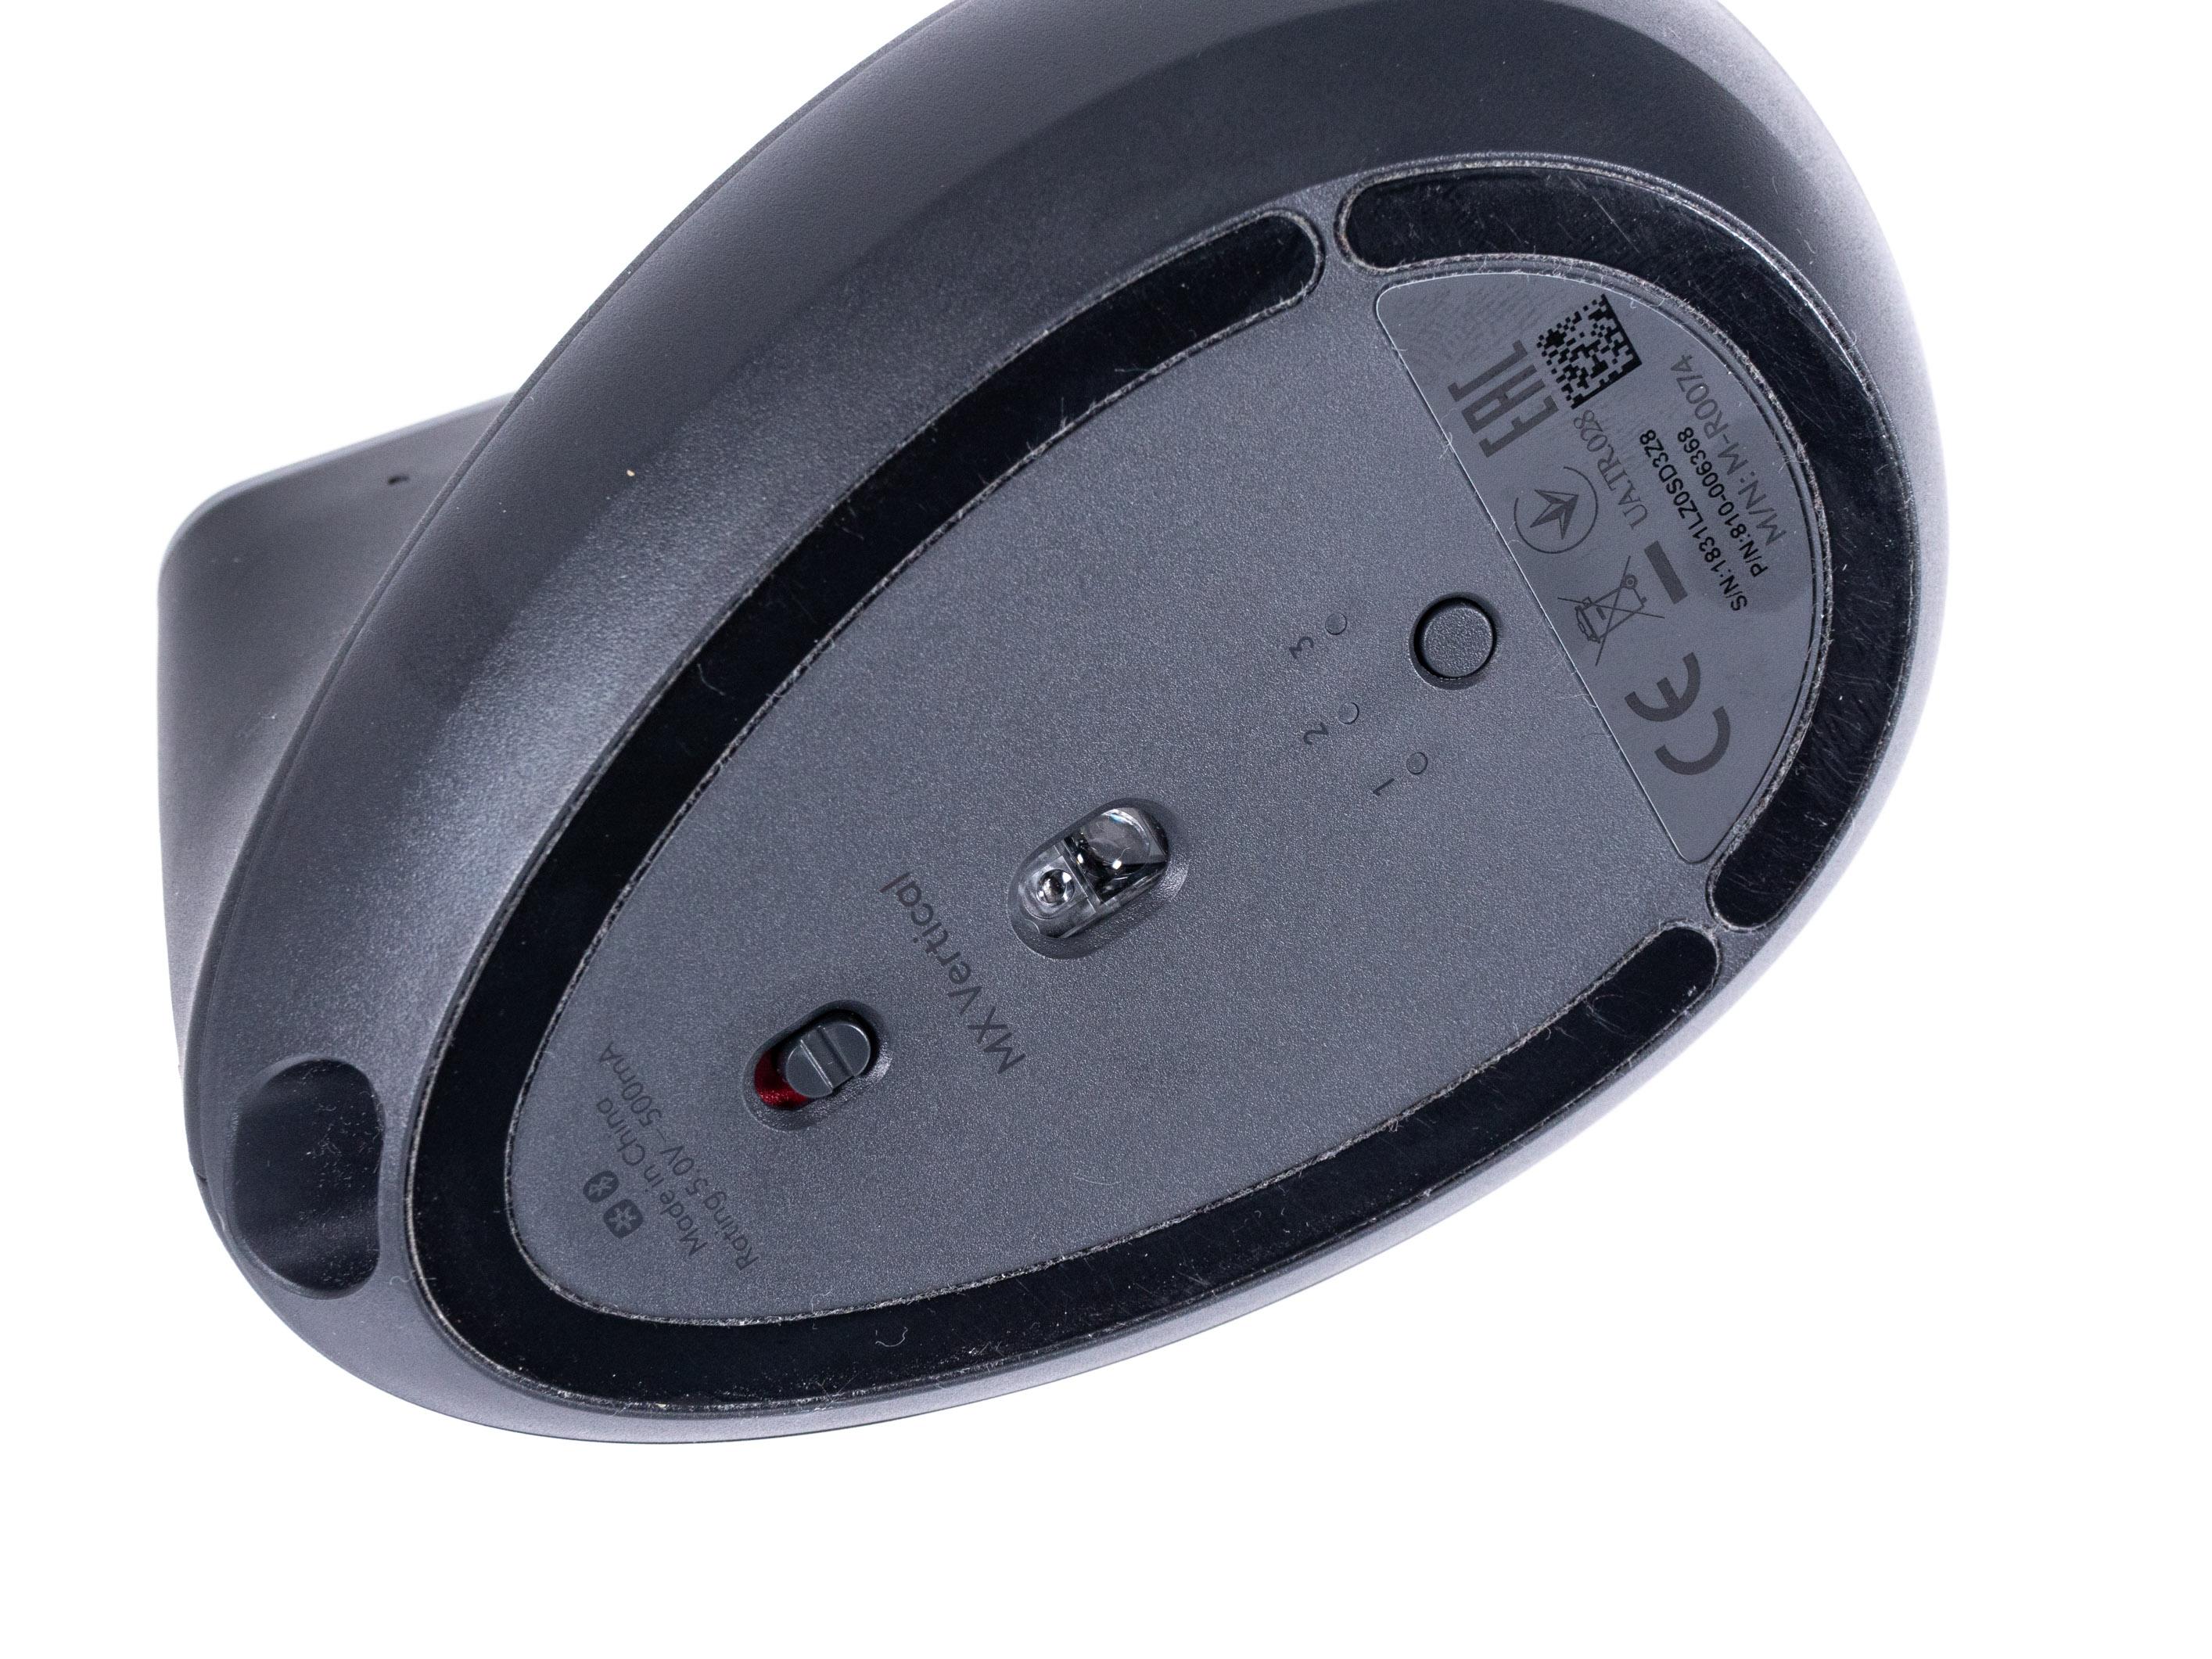 Logitechs MX Vertical im Test: So teuer muss eine gute vertikale Maus nicht sein - Logitechs MX Vertical hat unten einen Ein-/Ausschalter sowie einen Taster zum Umschalten der Drahtlosverbindungen. (Bild: Martin Wolf/Golem.de)